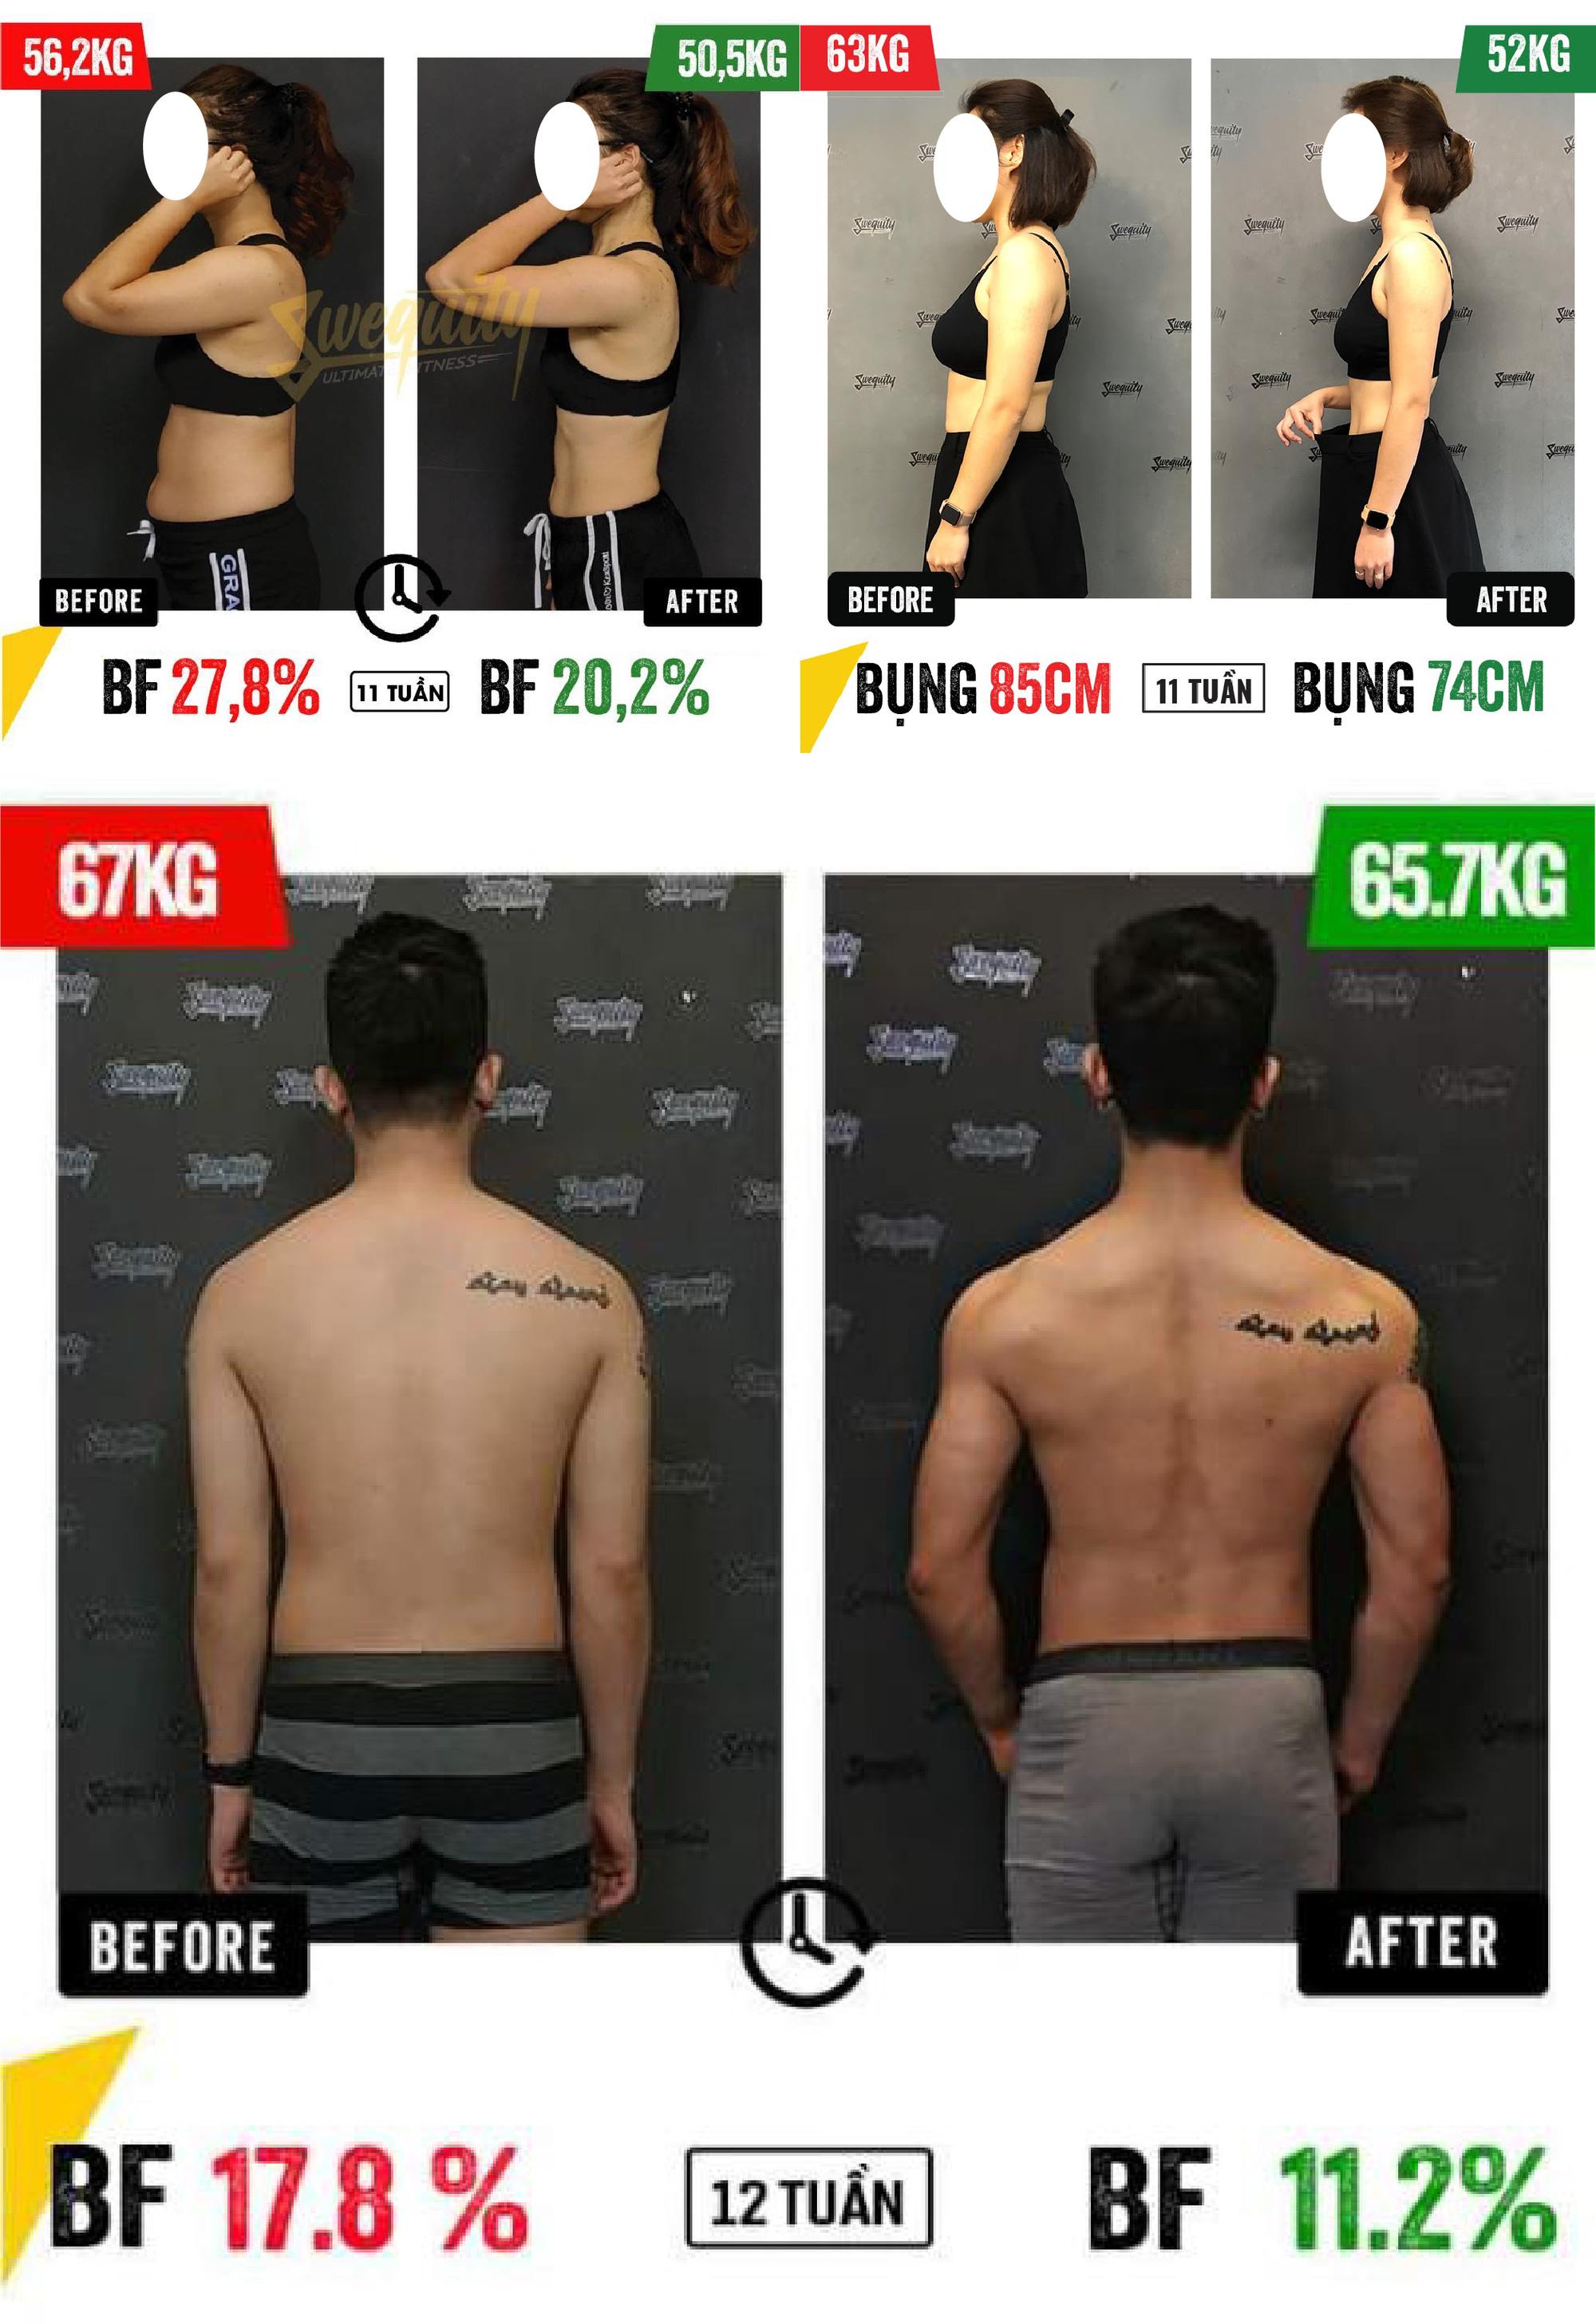 """CEO chuỗi phòng gym hot lần đầu bật mí cách giảm béo cho """"ca khó"""" - Ảnh 2."""